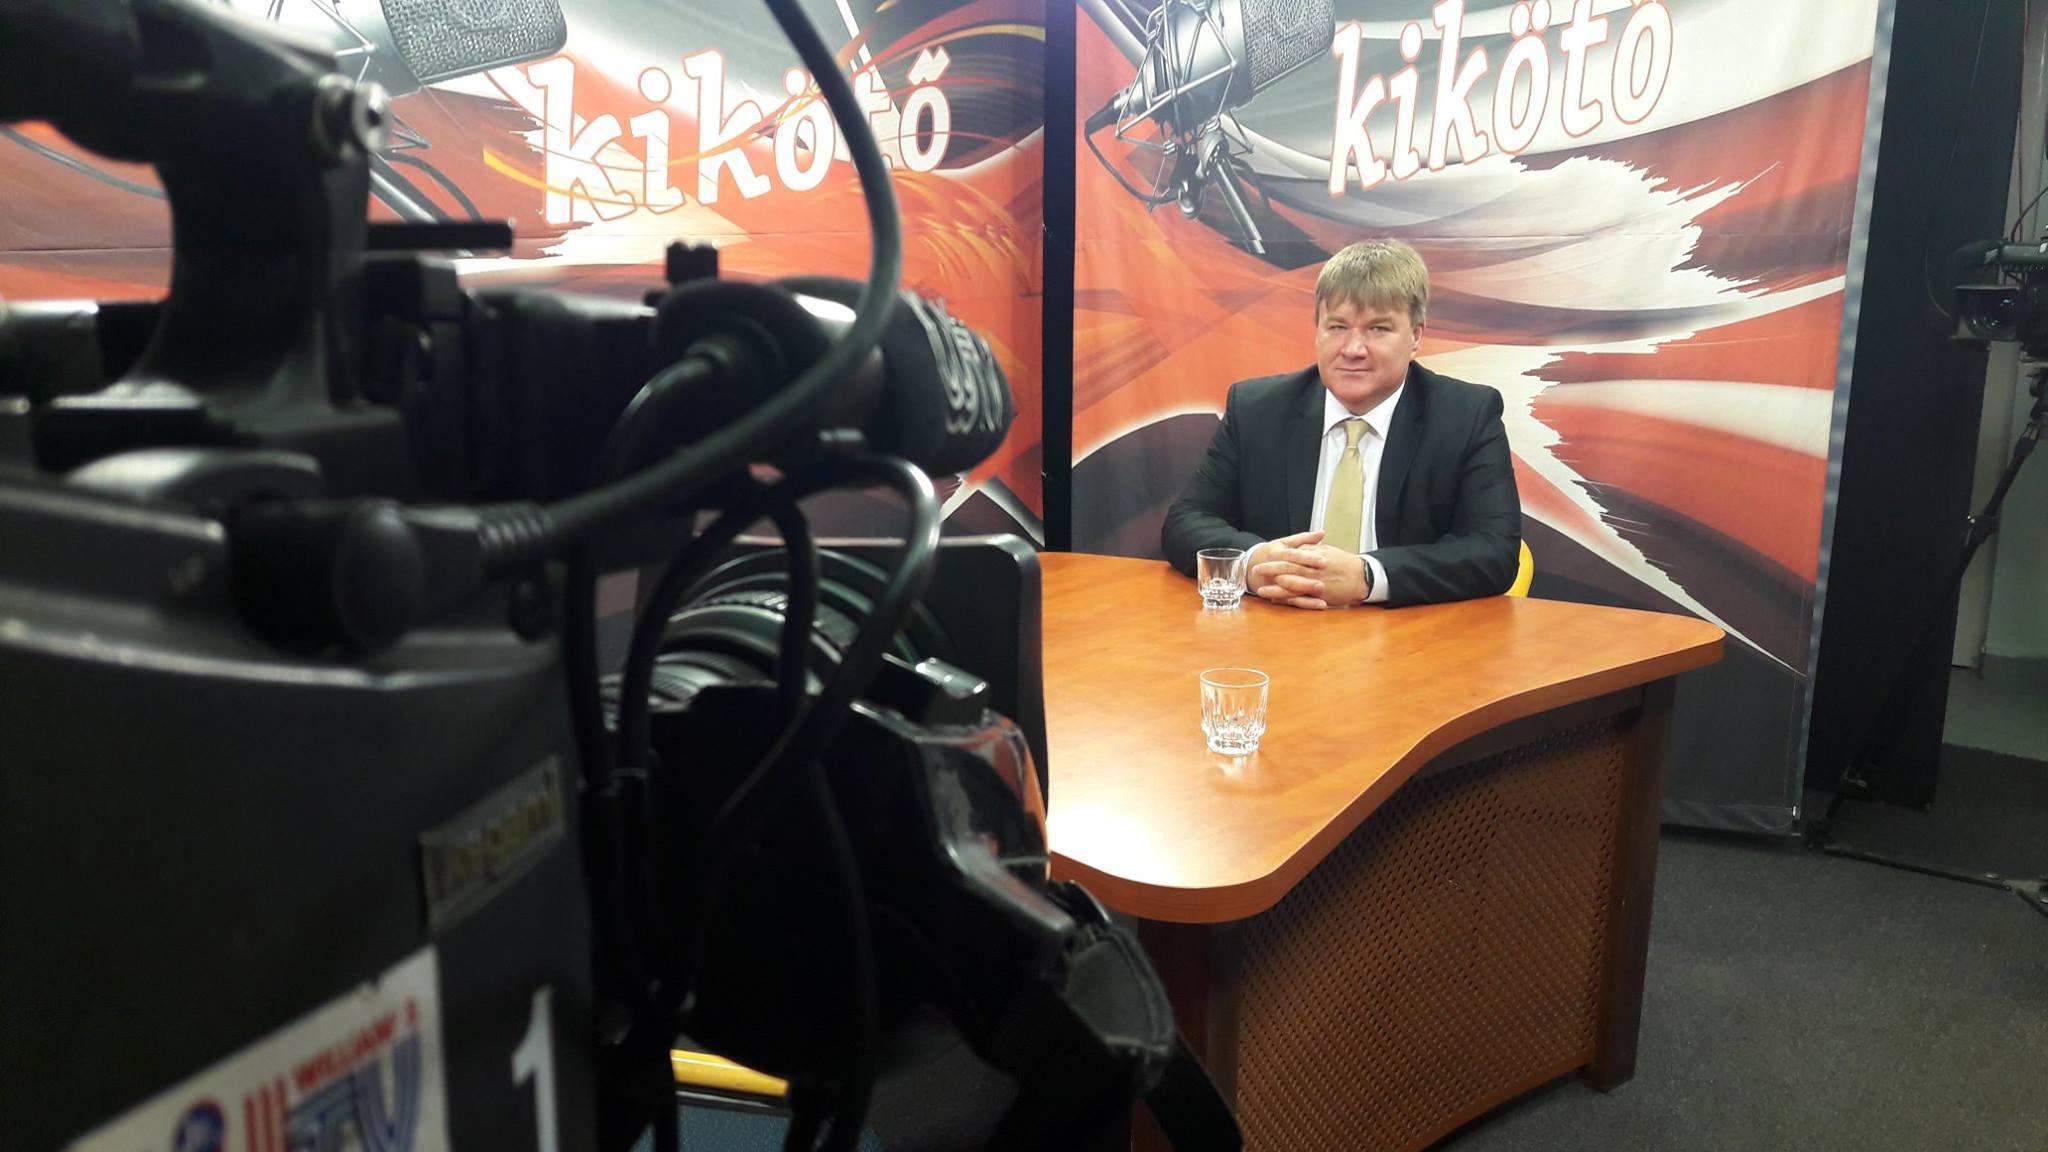 Szűcs Lajos országgyűlési képviselő a Williams Tv Kikötő című műsorában